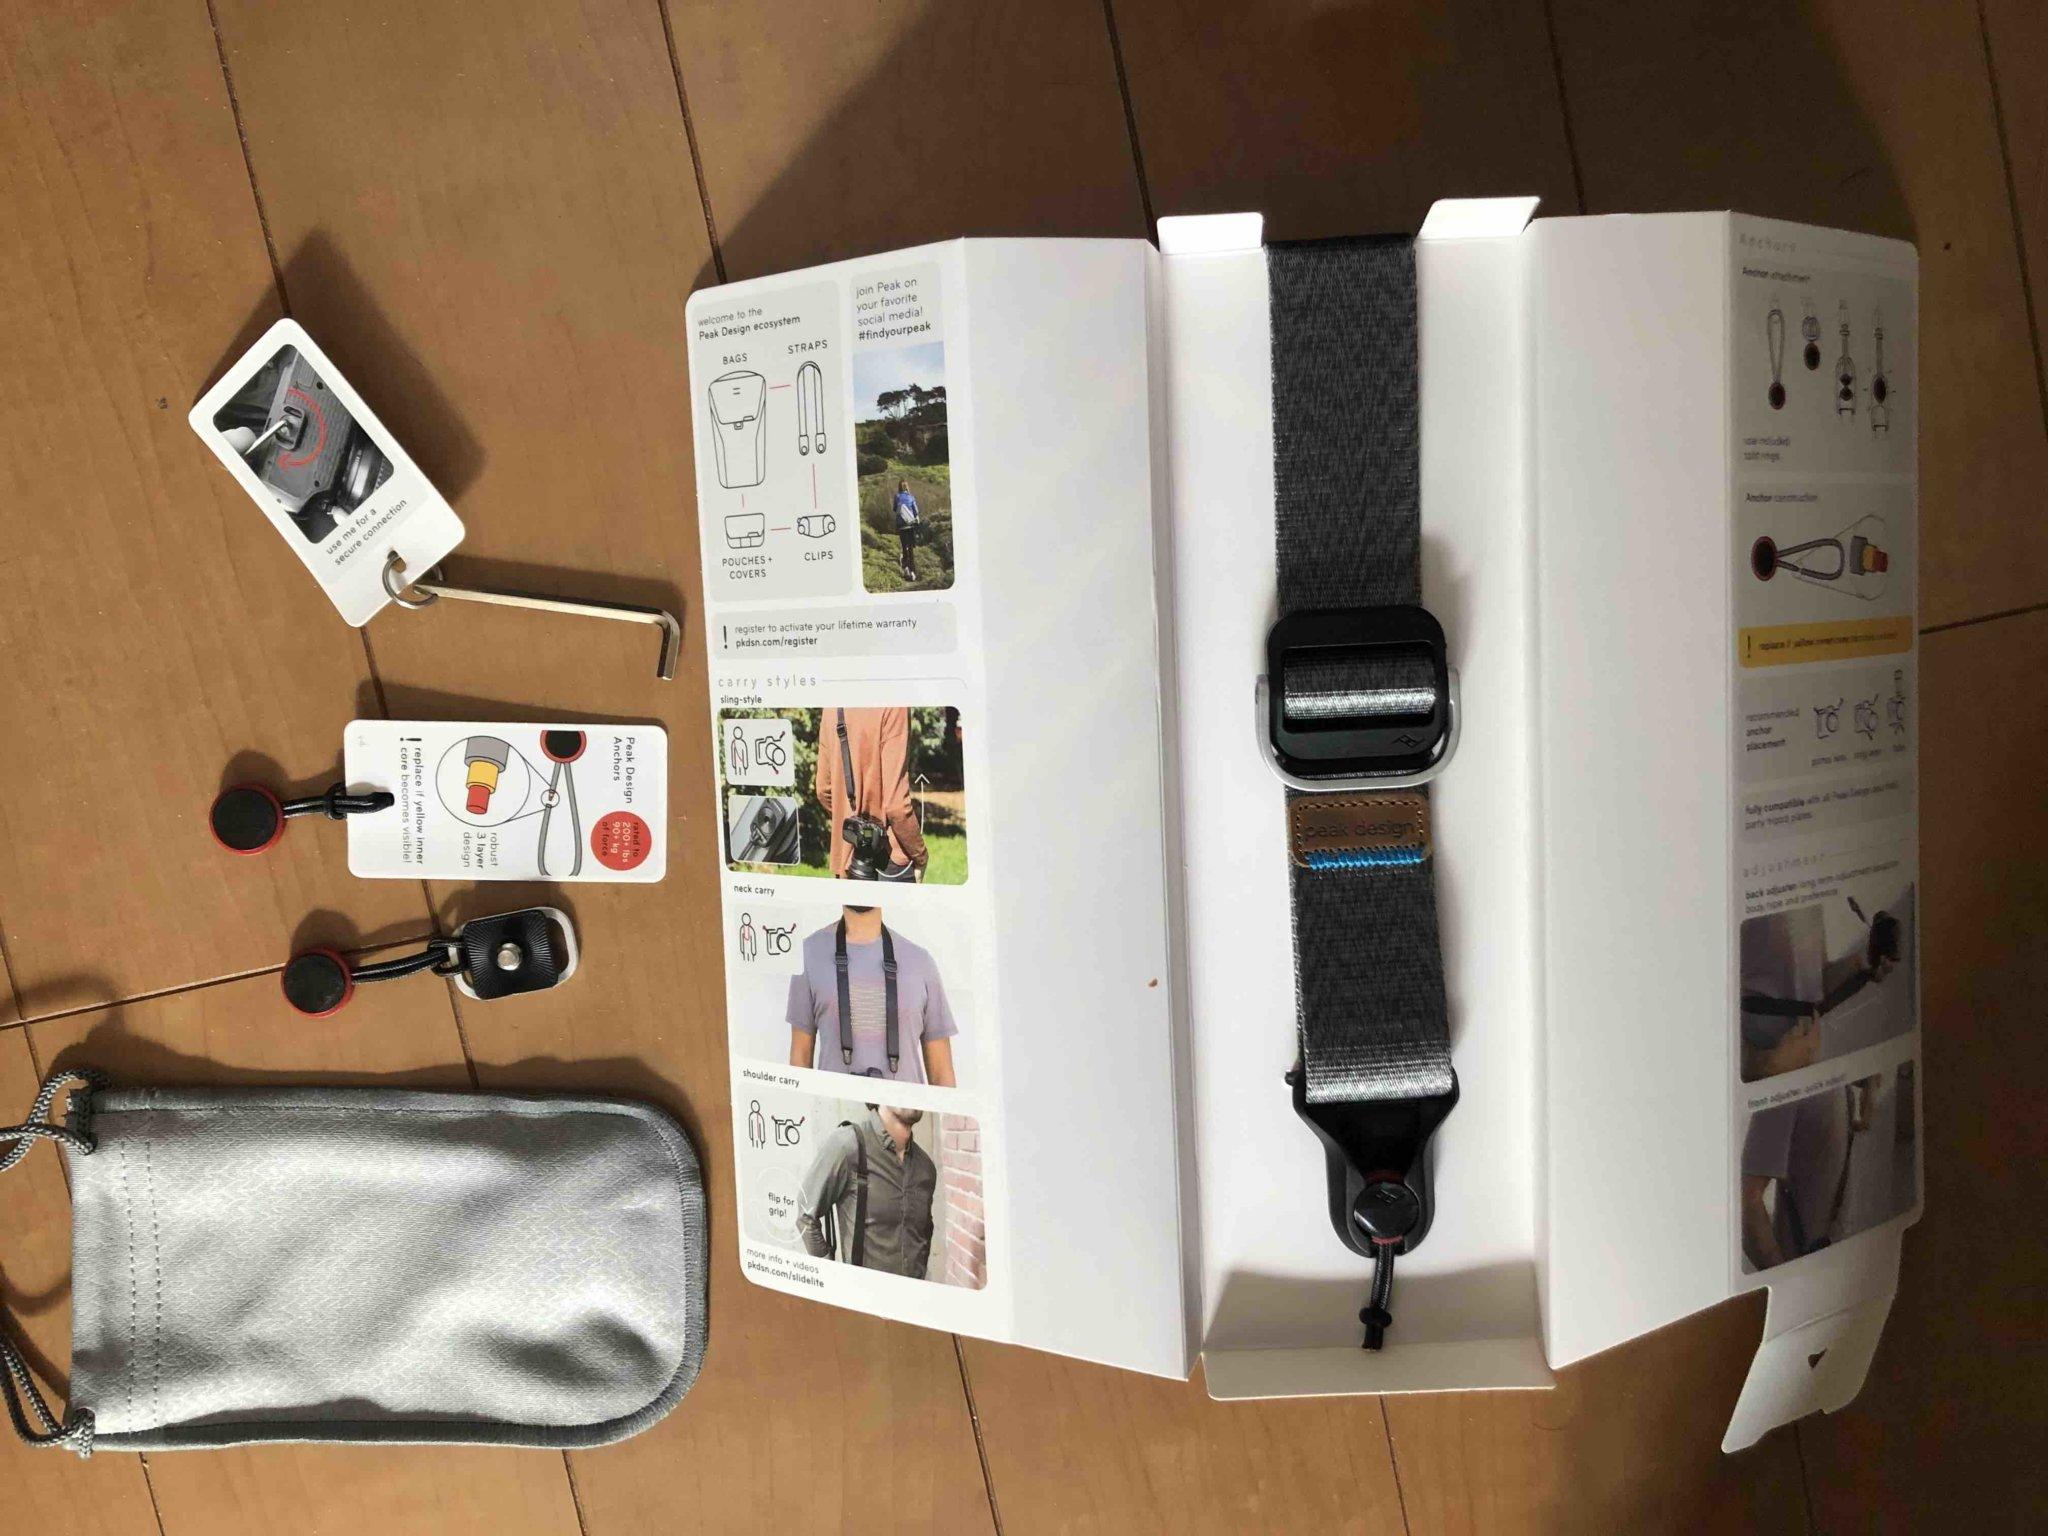 """IMG 7860 2048x1536 - カメラストラップの決定版!peak designの""""slide lite""""は機動的なカメラワークとカメラ持ち歩きに適した便利なストラップ"""